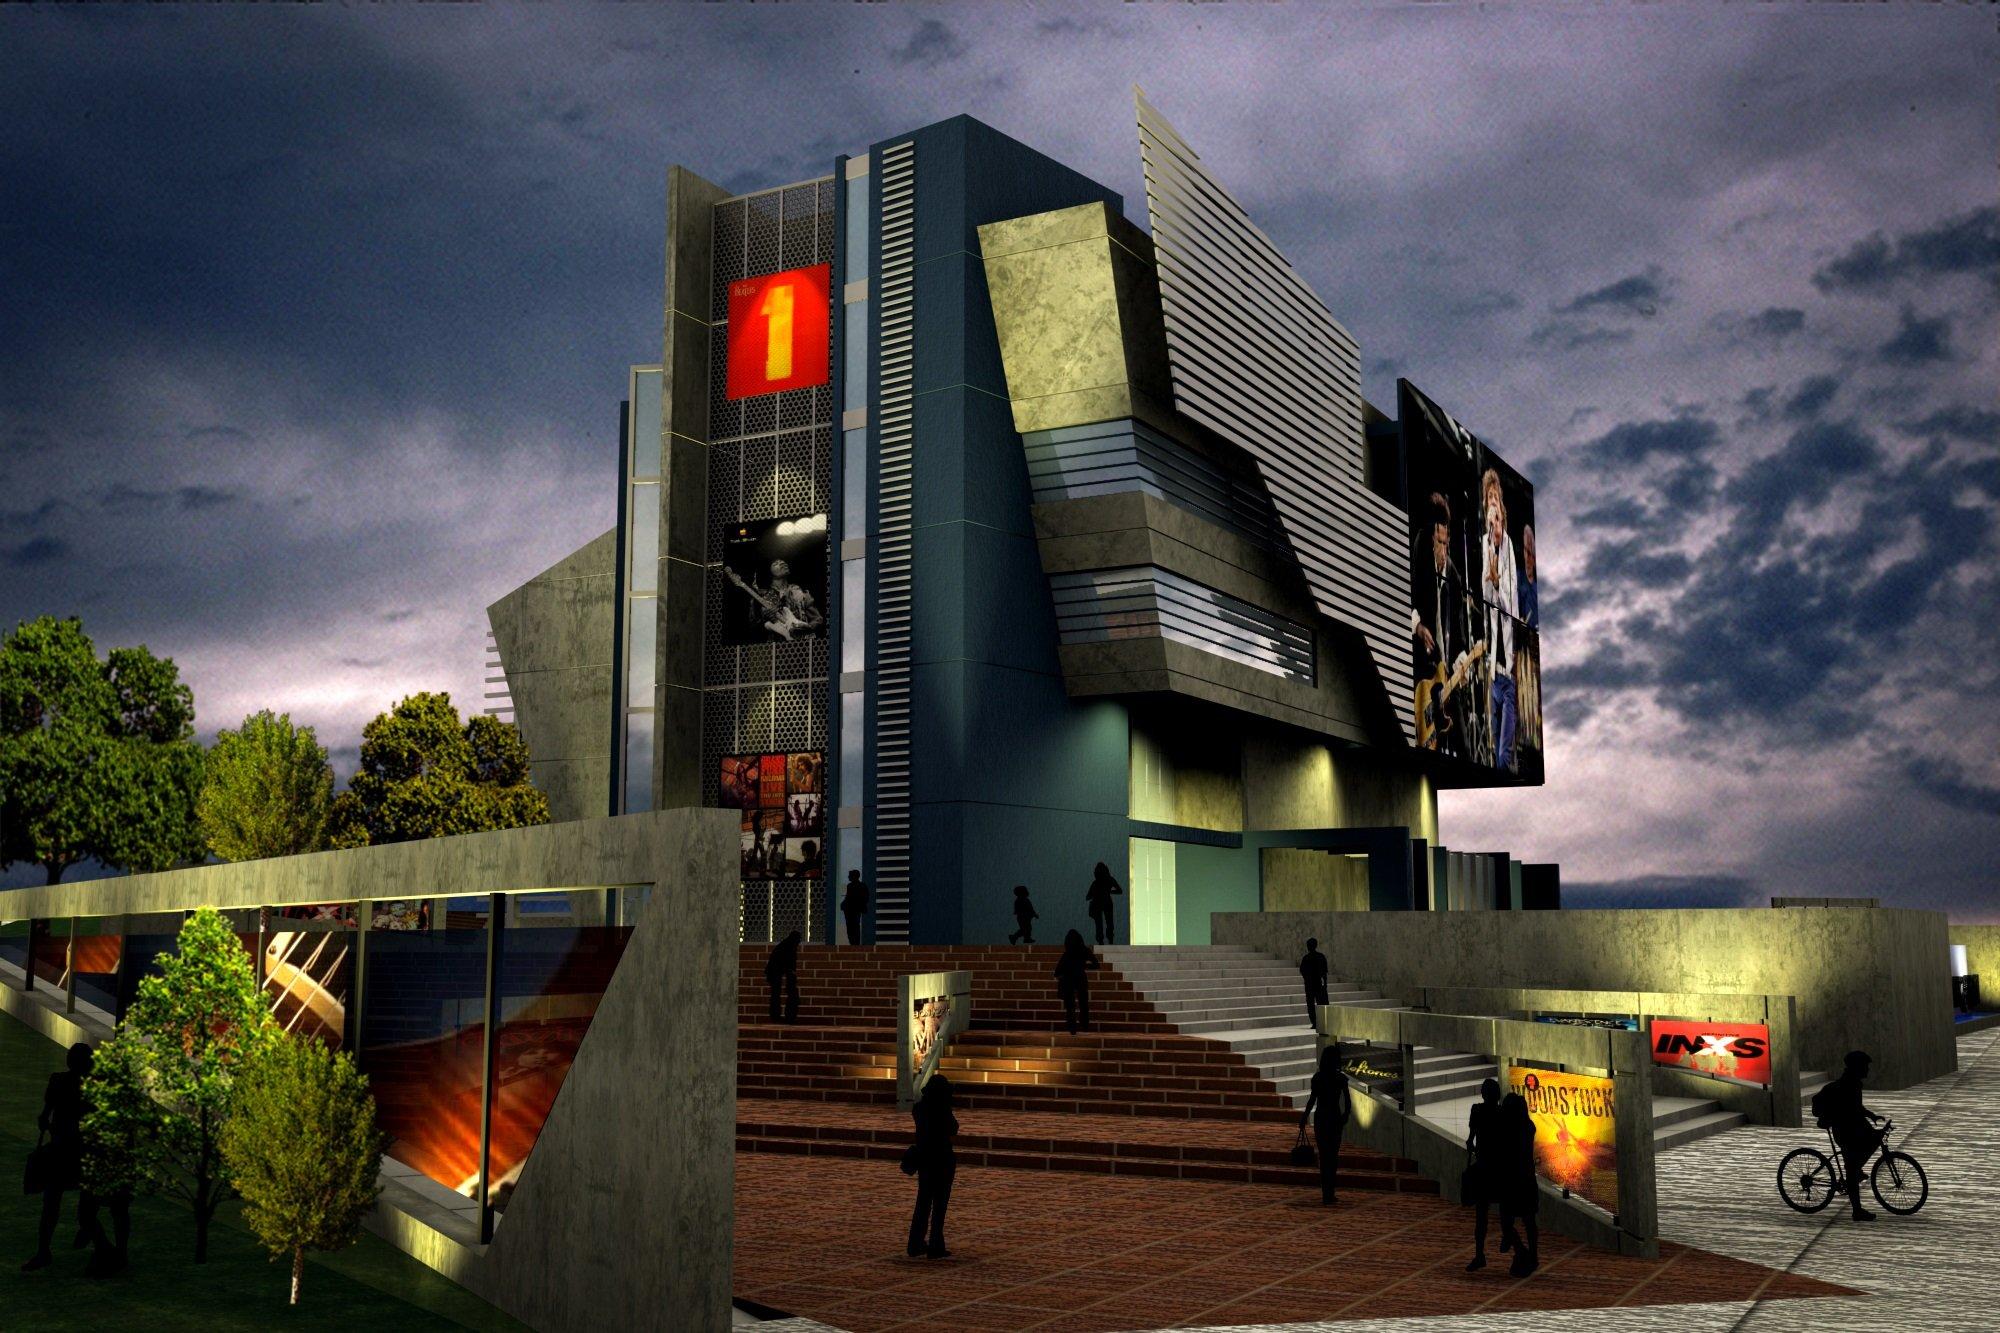 Proyecto-Musica-Museo-A3-Arquitectos-Quito-Ecuador-1